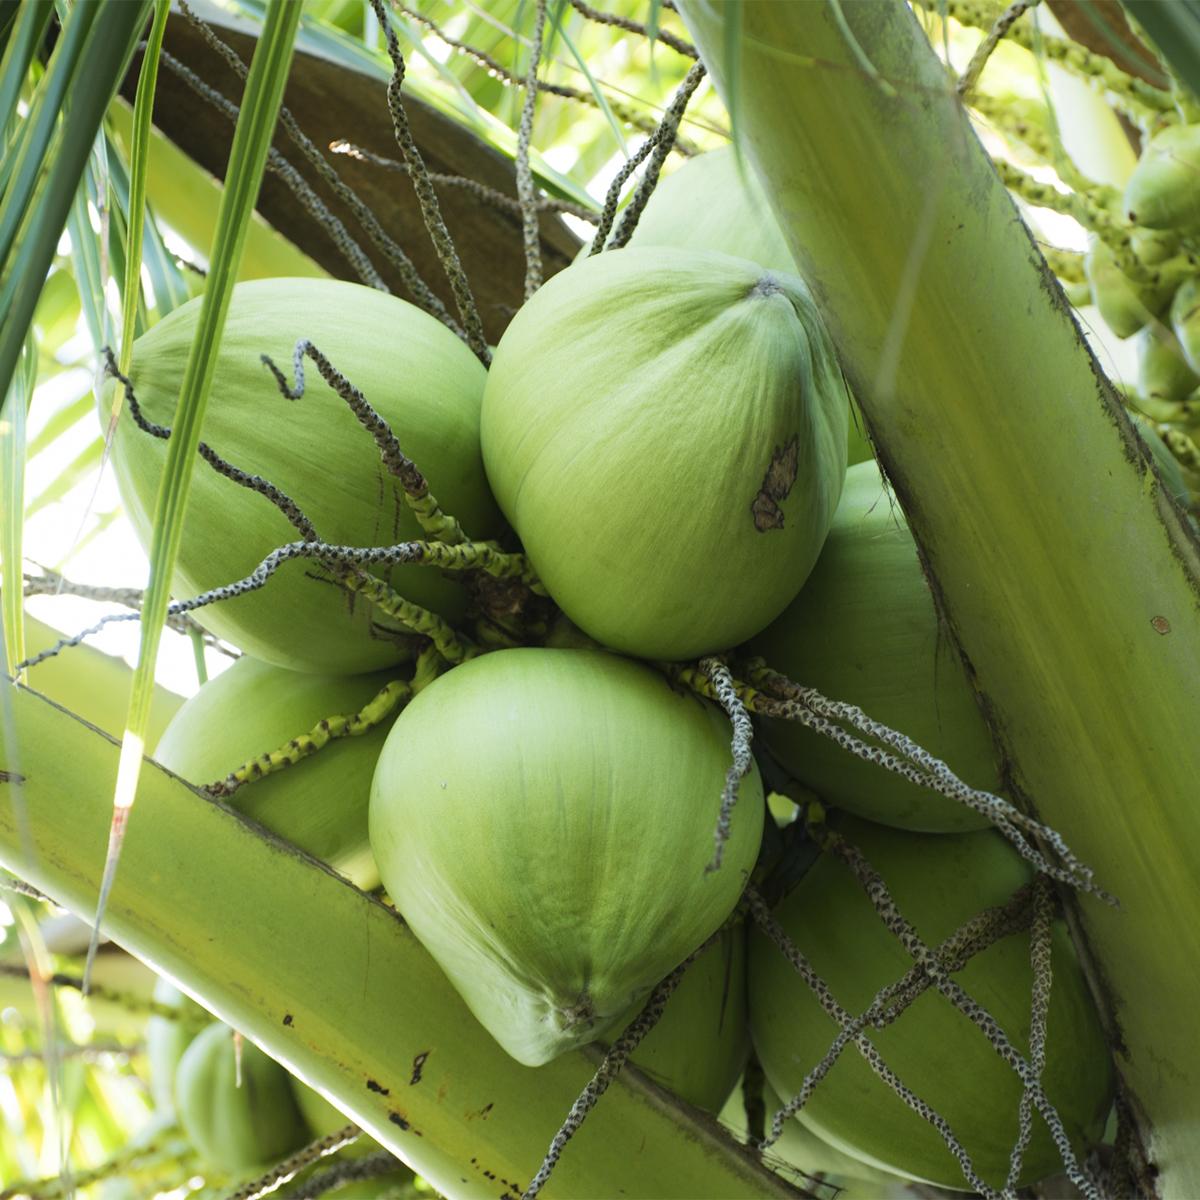 サスティナブル(持続可能)なフィリピンの農園で、無農薬栽培しているココナッツを使用した脂肪をエネルギーに素早く変えるオーガニックのMCTオイル|MELROSE KICKSTART(メルローズ キックスタート)